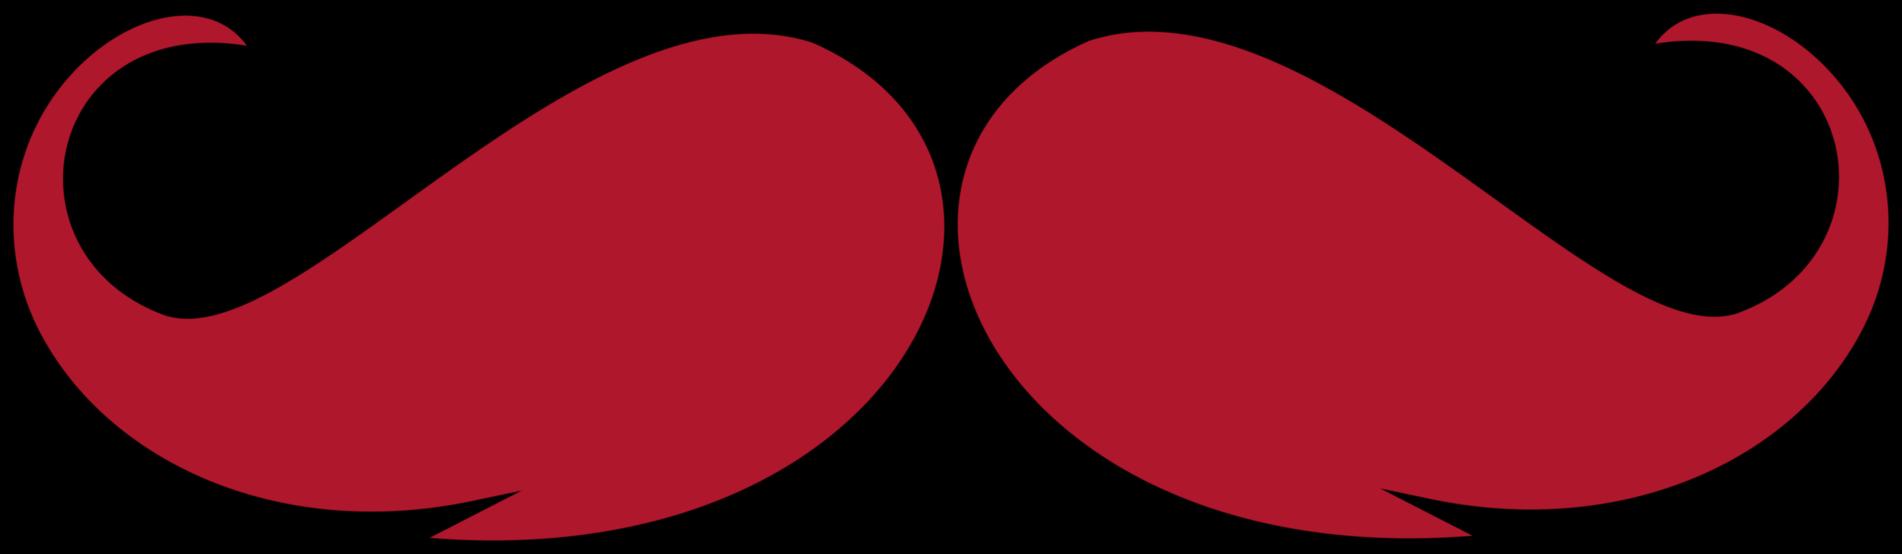 Clipartpen. Clipart mustache red